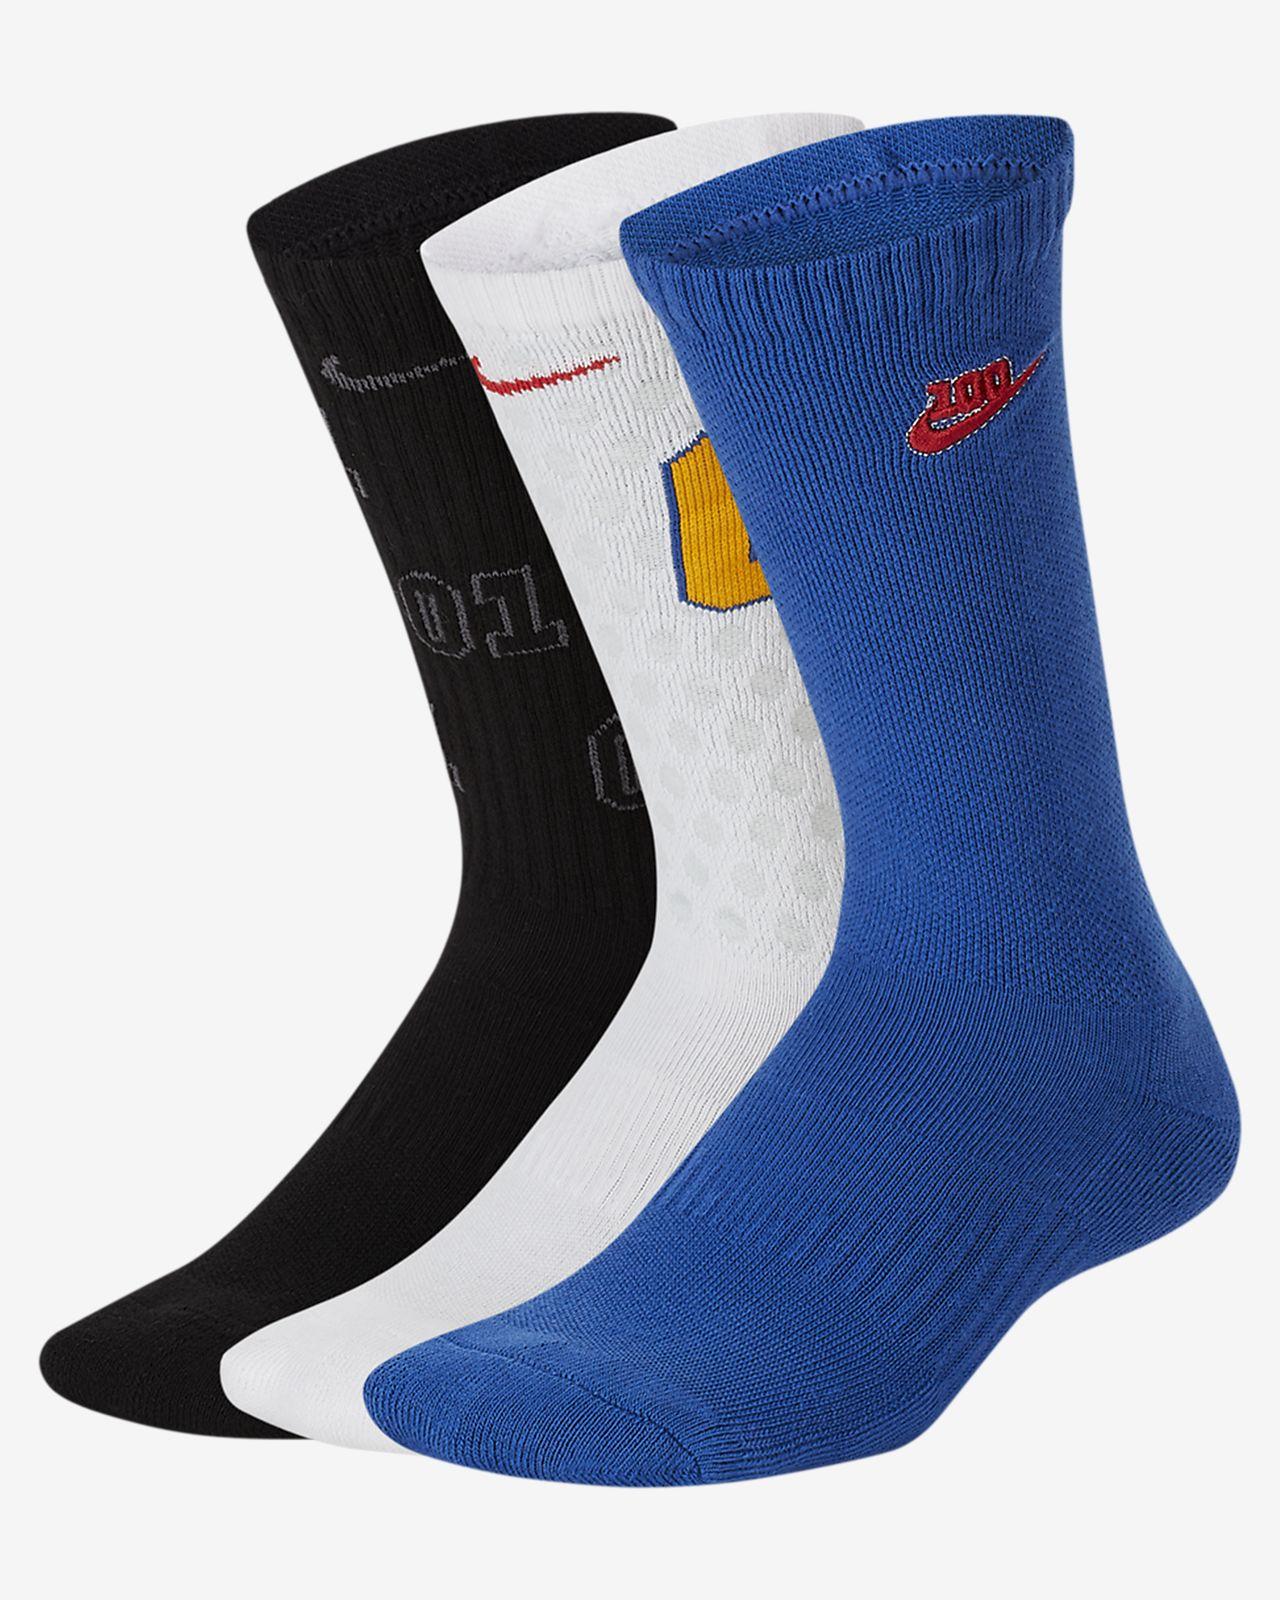 Παιδικές κάλτσες μεσαίου ύψους με αντικραδασμική προστασία Nike Everyday (3 ζευγάρια)